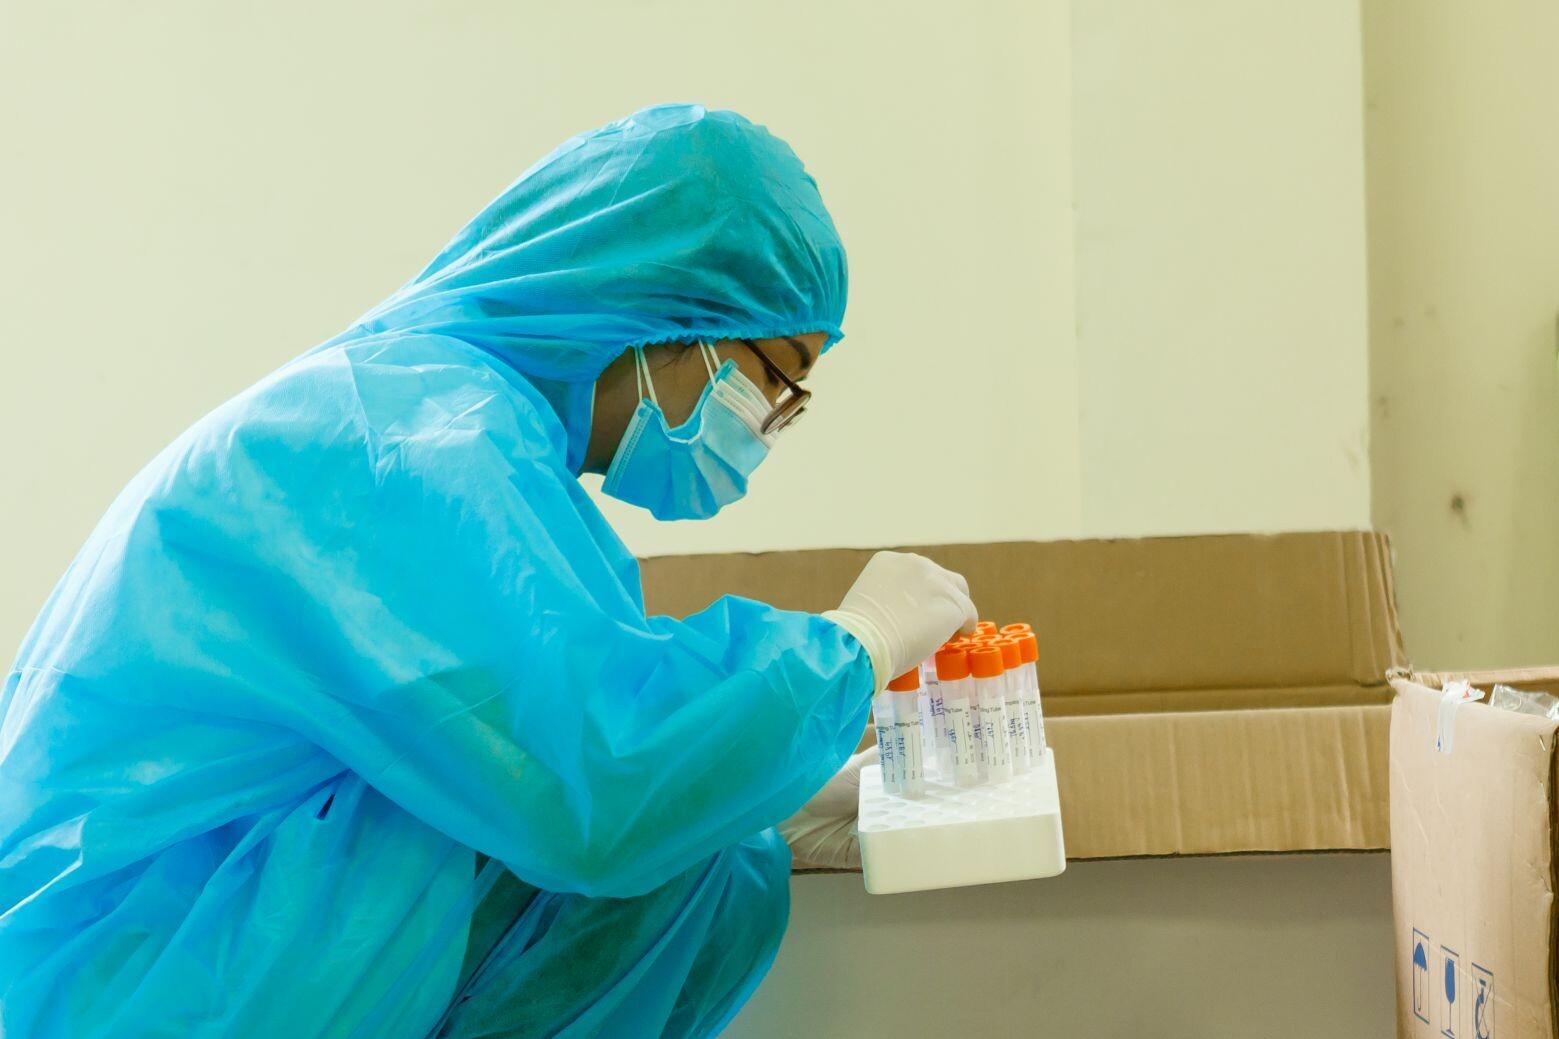 Kiểm tra trước khi đóng mẫu, đảm bảo 100% CBCNV được lấy mẫu xét nghiệm Covid 19